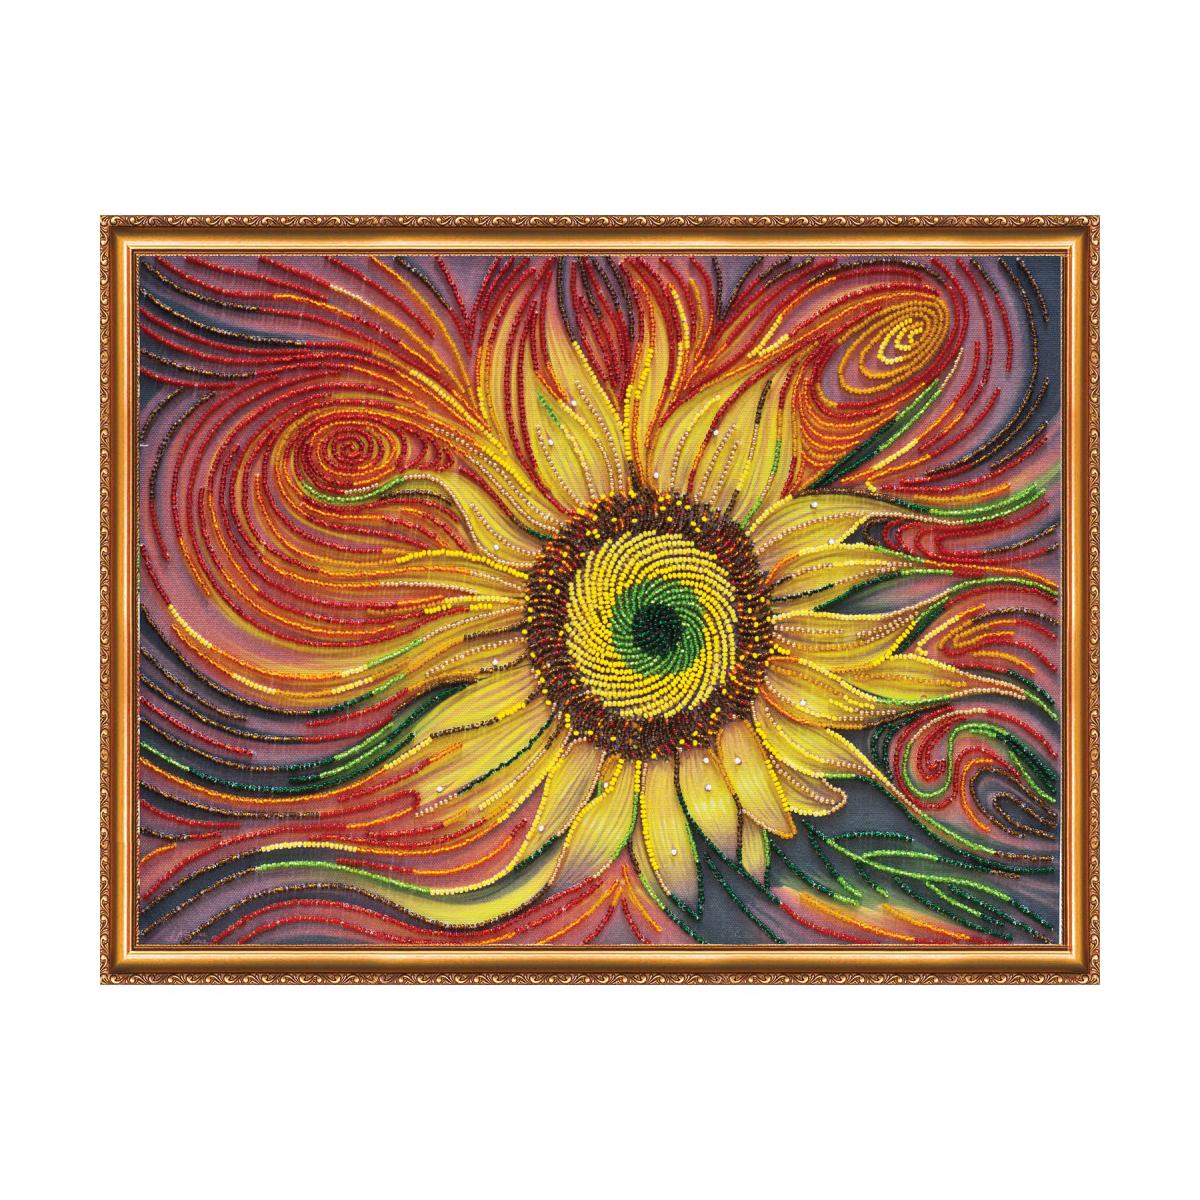 Набор для вышивания Абрис Арт Солнцебиение, 40 х 30 см581825В состав набора входит: натуральный художественный холст с нанесенным изображением-схемой, бисер Чехия, бисерные иглы, инструкция.